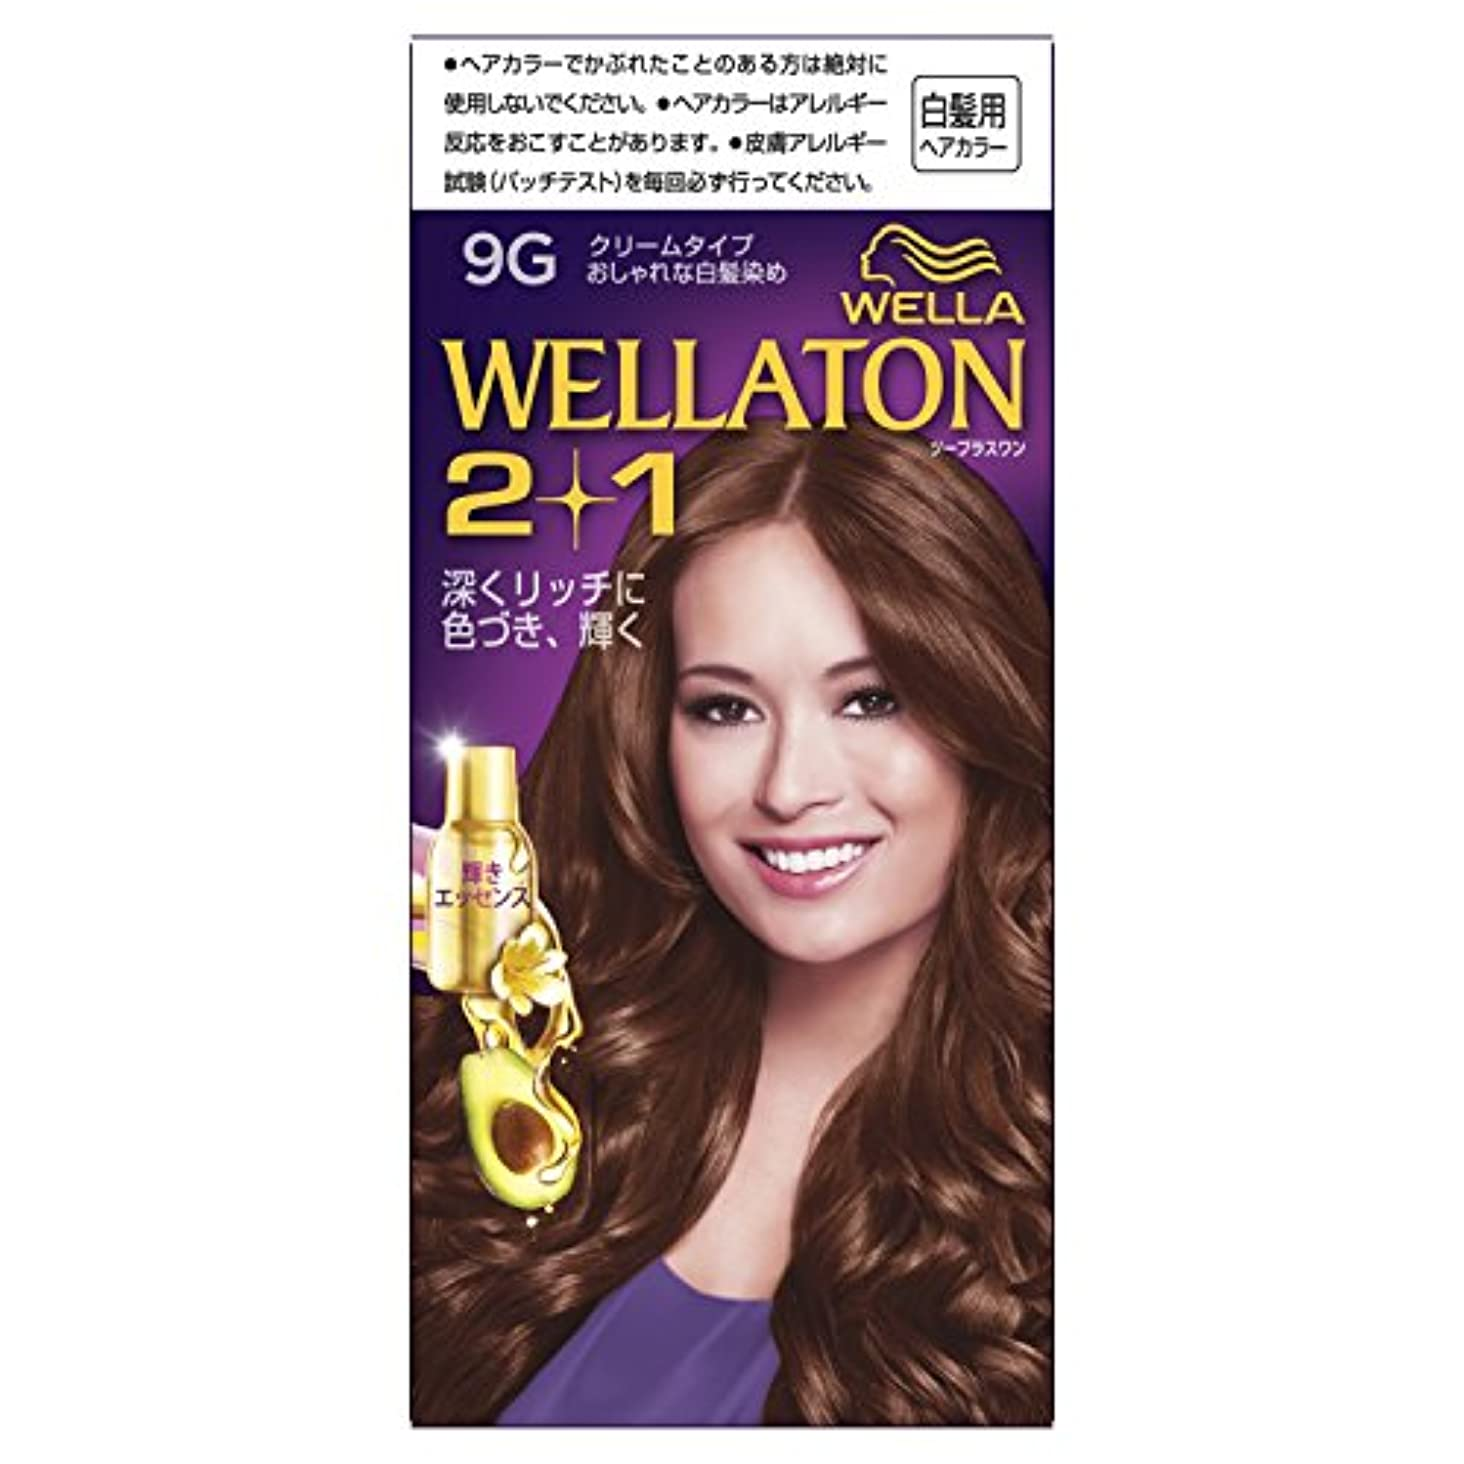 ライトニング曲液化するウエラトーン2+1 クリームタイプ 9G [医薬部外品](おしゃれな白髪染め)